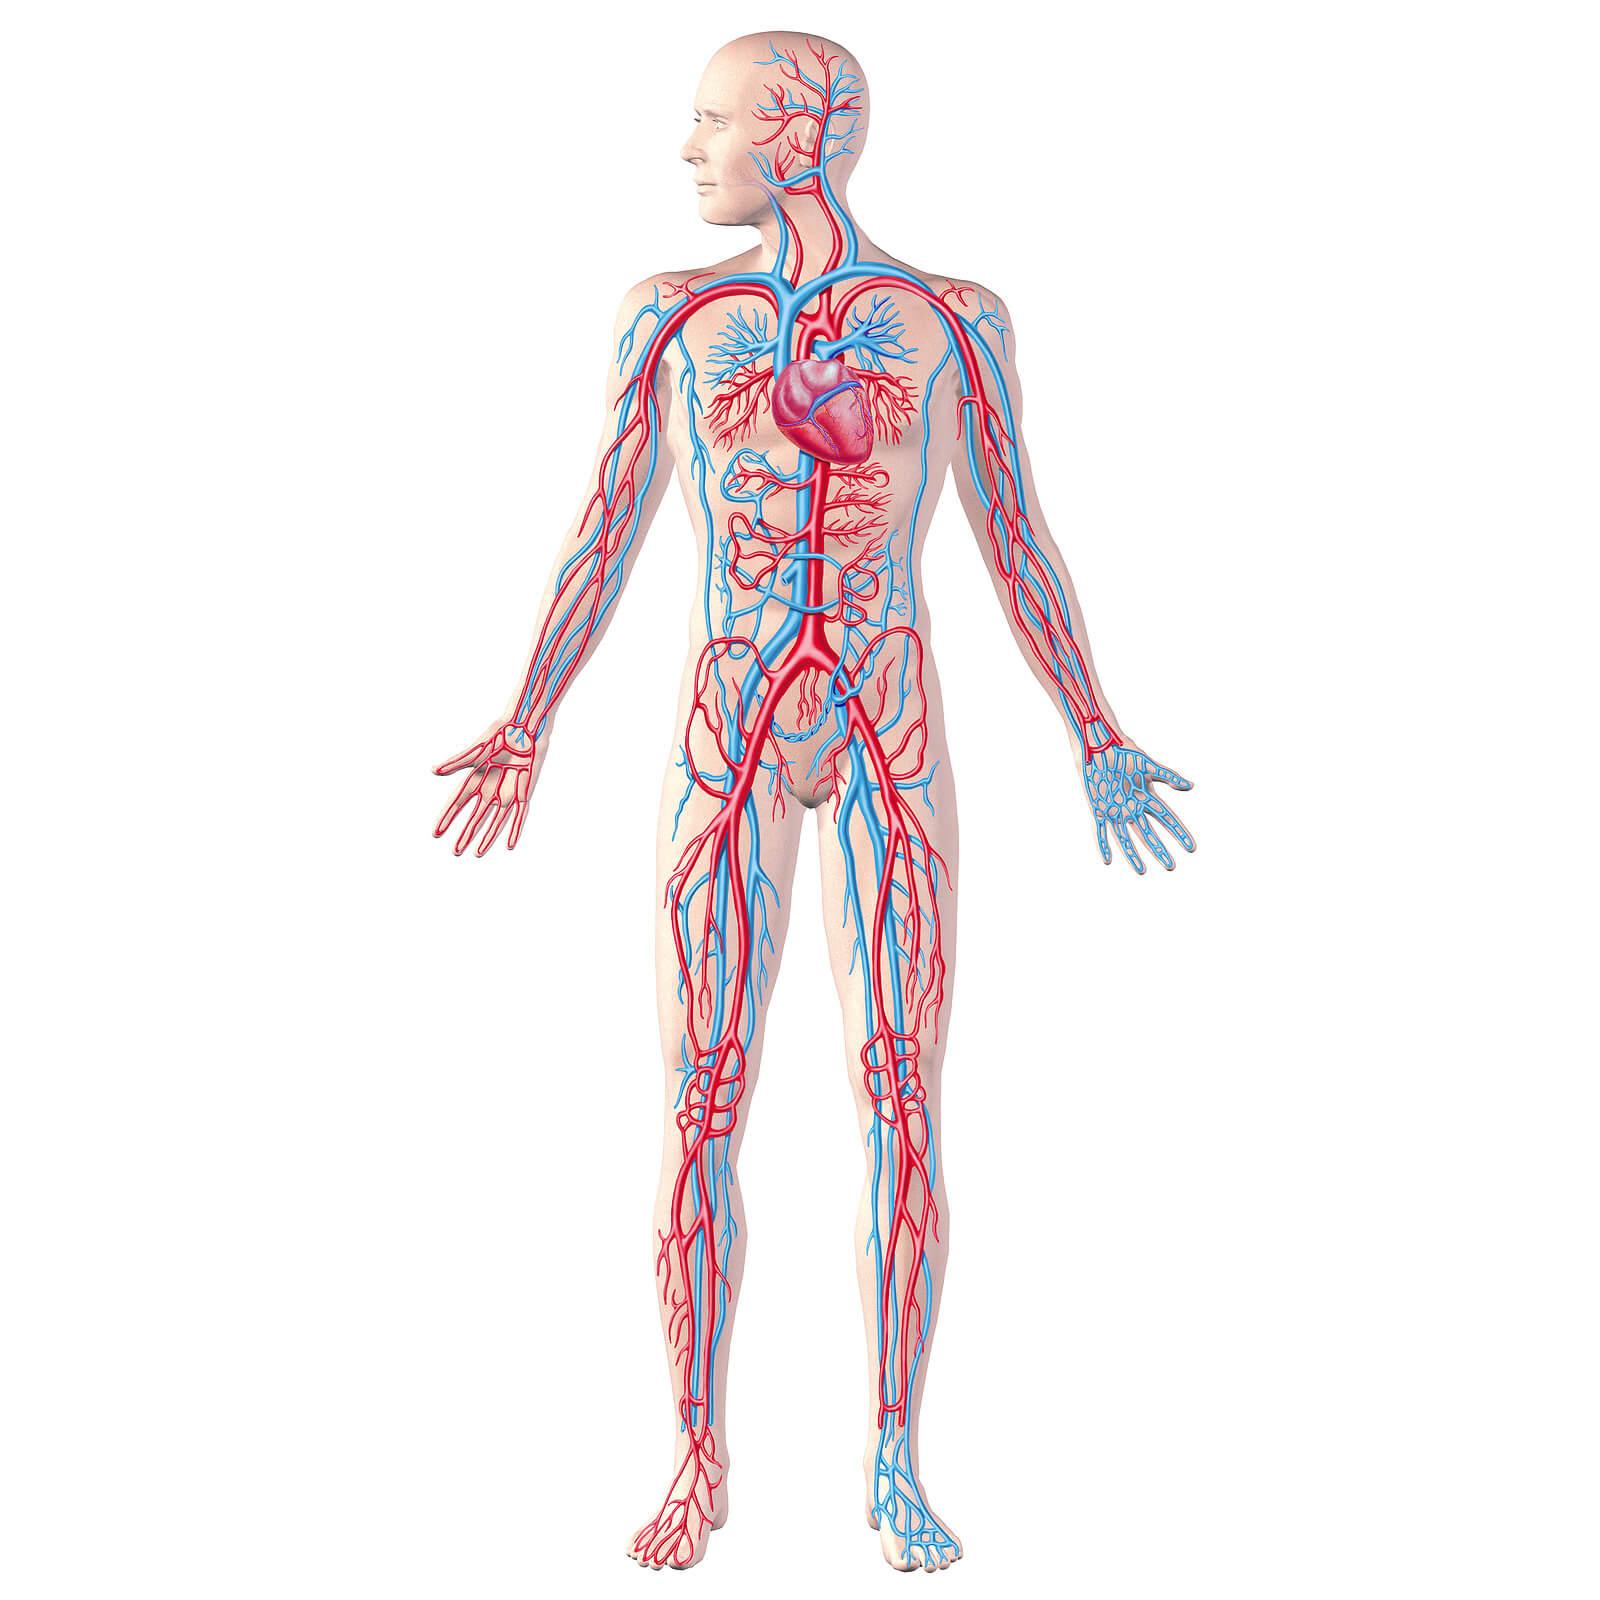 Проверка сосудов всего тела: самые информативные методы обследования